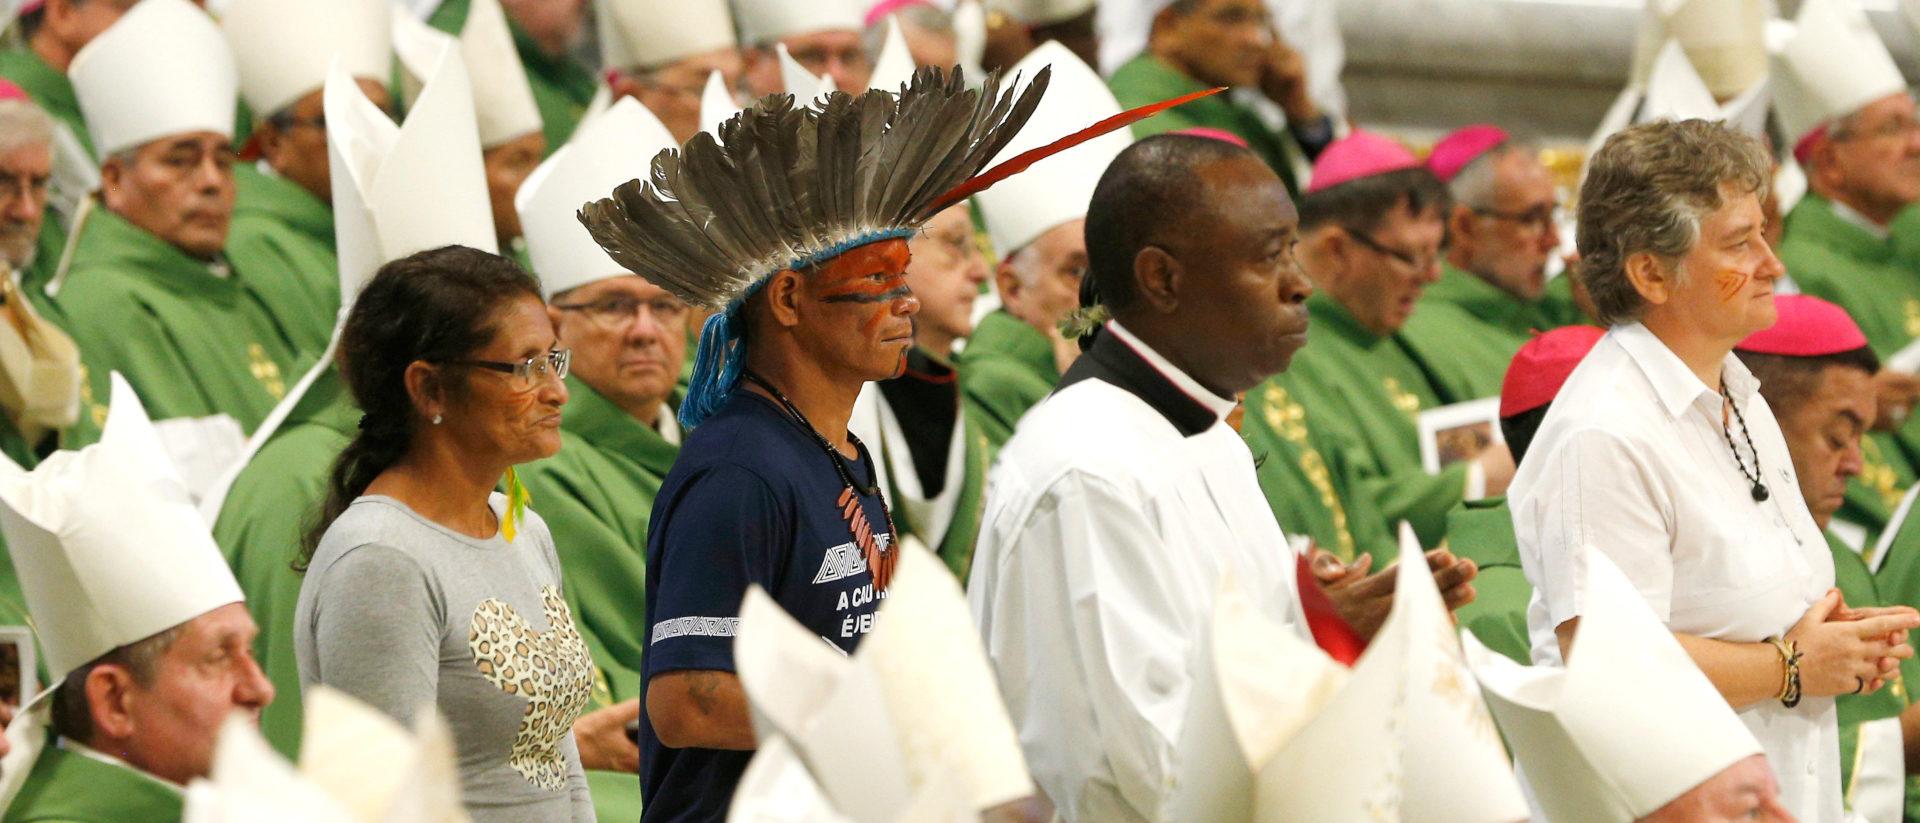 Gottesdienst an der Amazonas-Synode | ©KNA